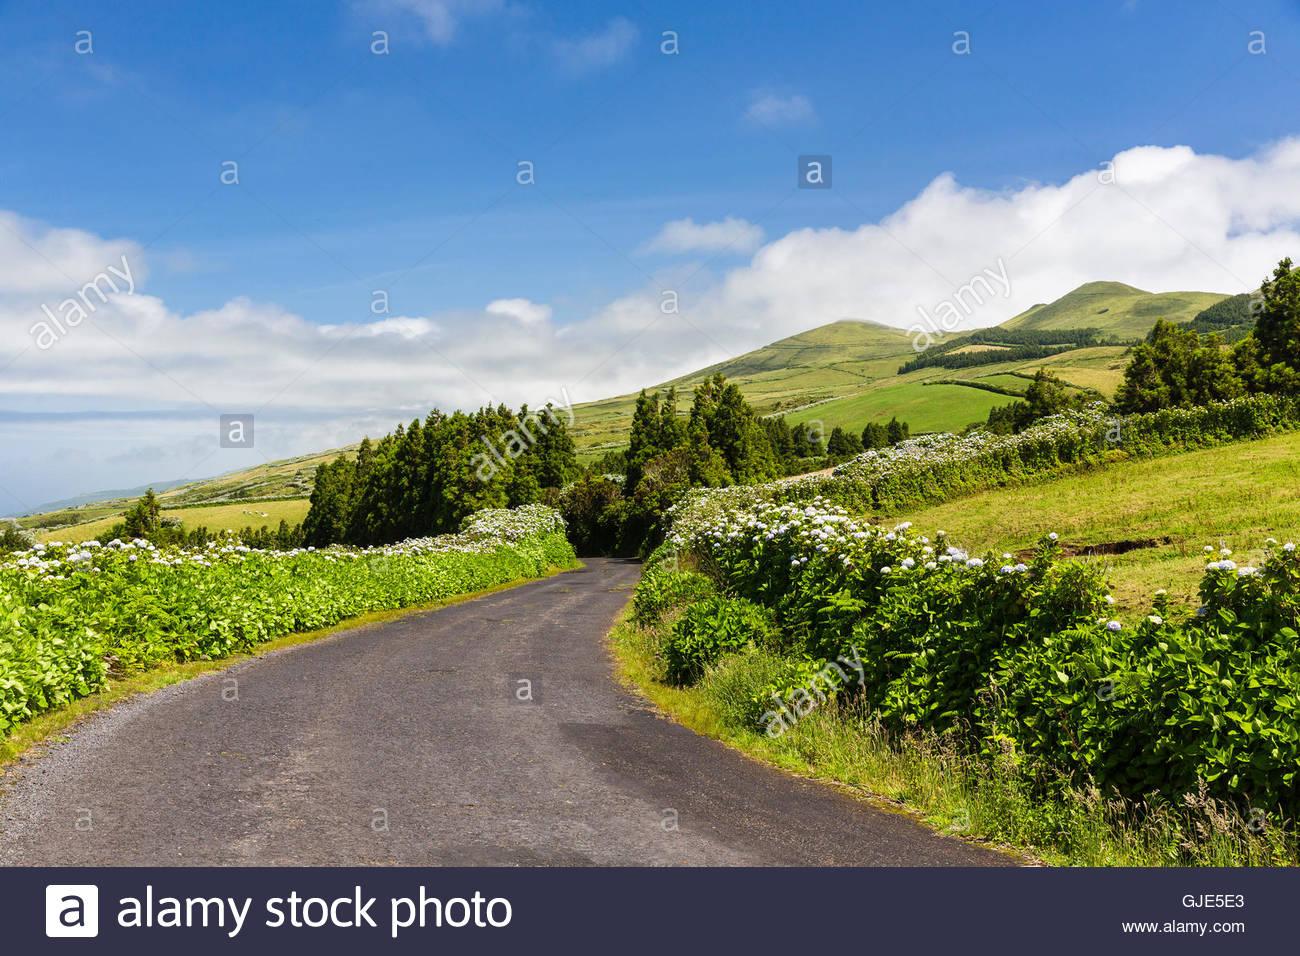 Hortensia blooming along roads through pastureland - Stock Image